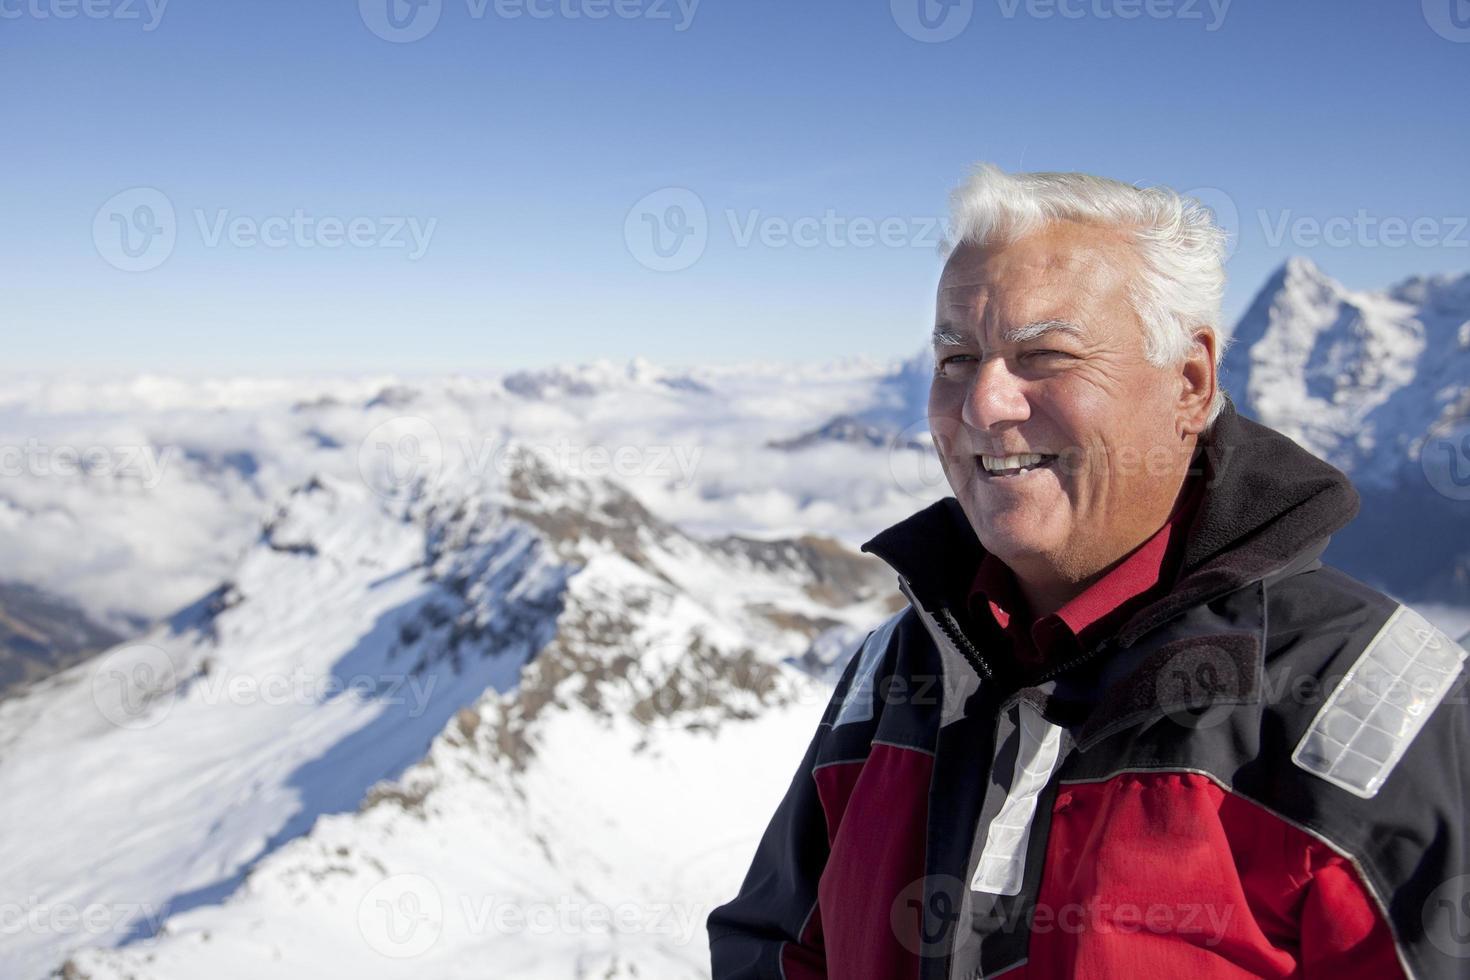 homem nas montanhas. foto